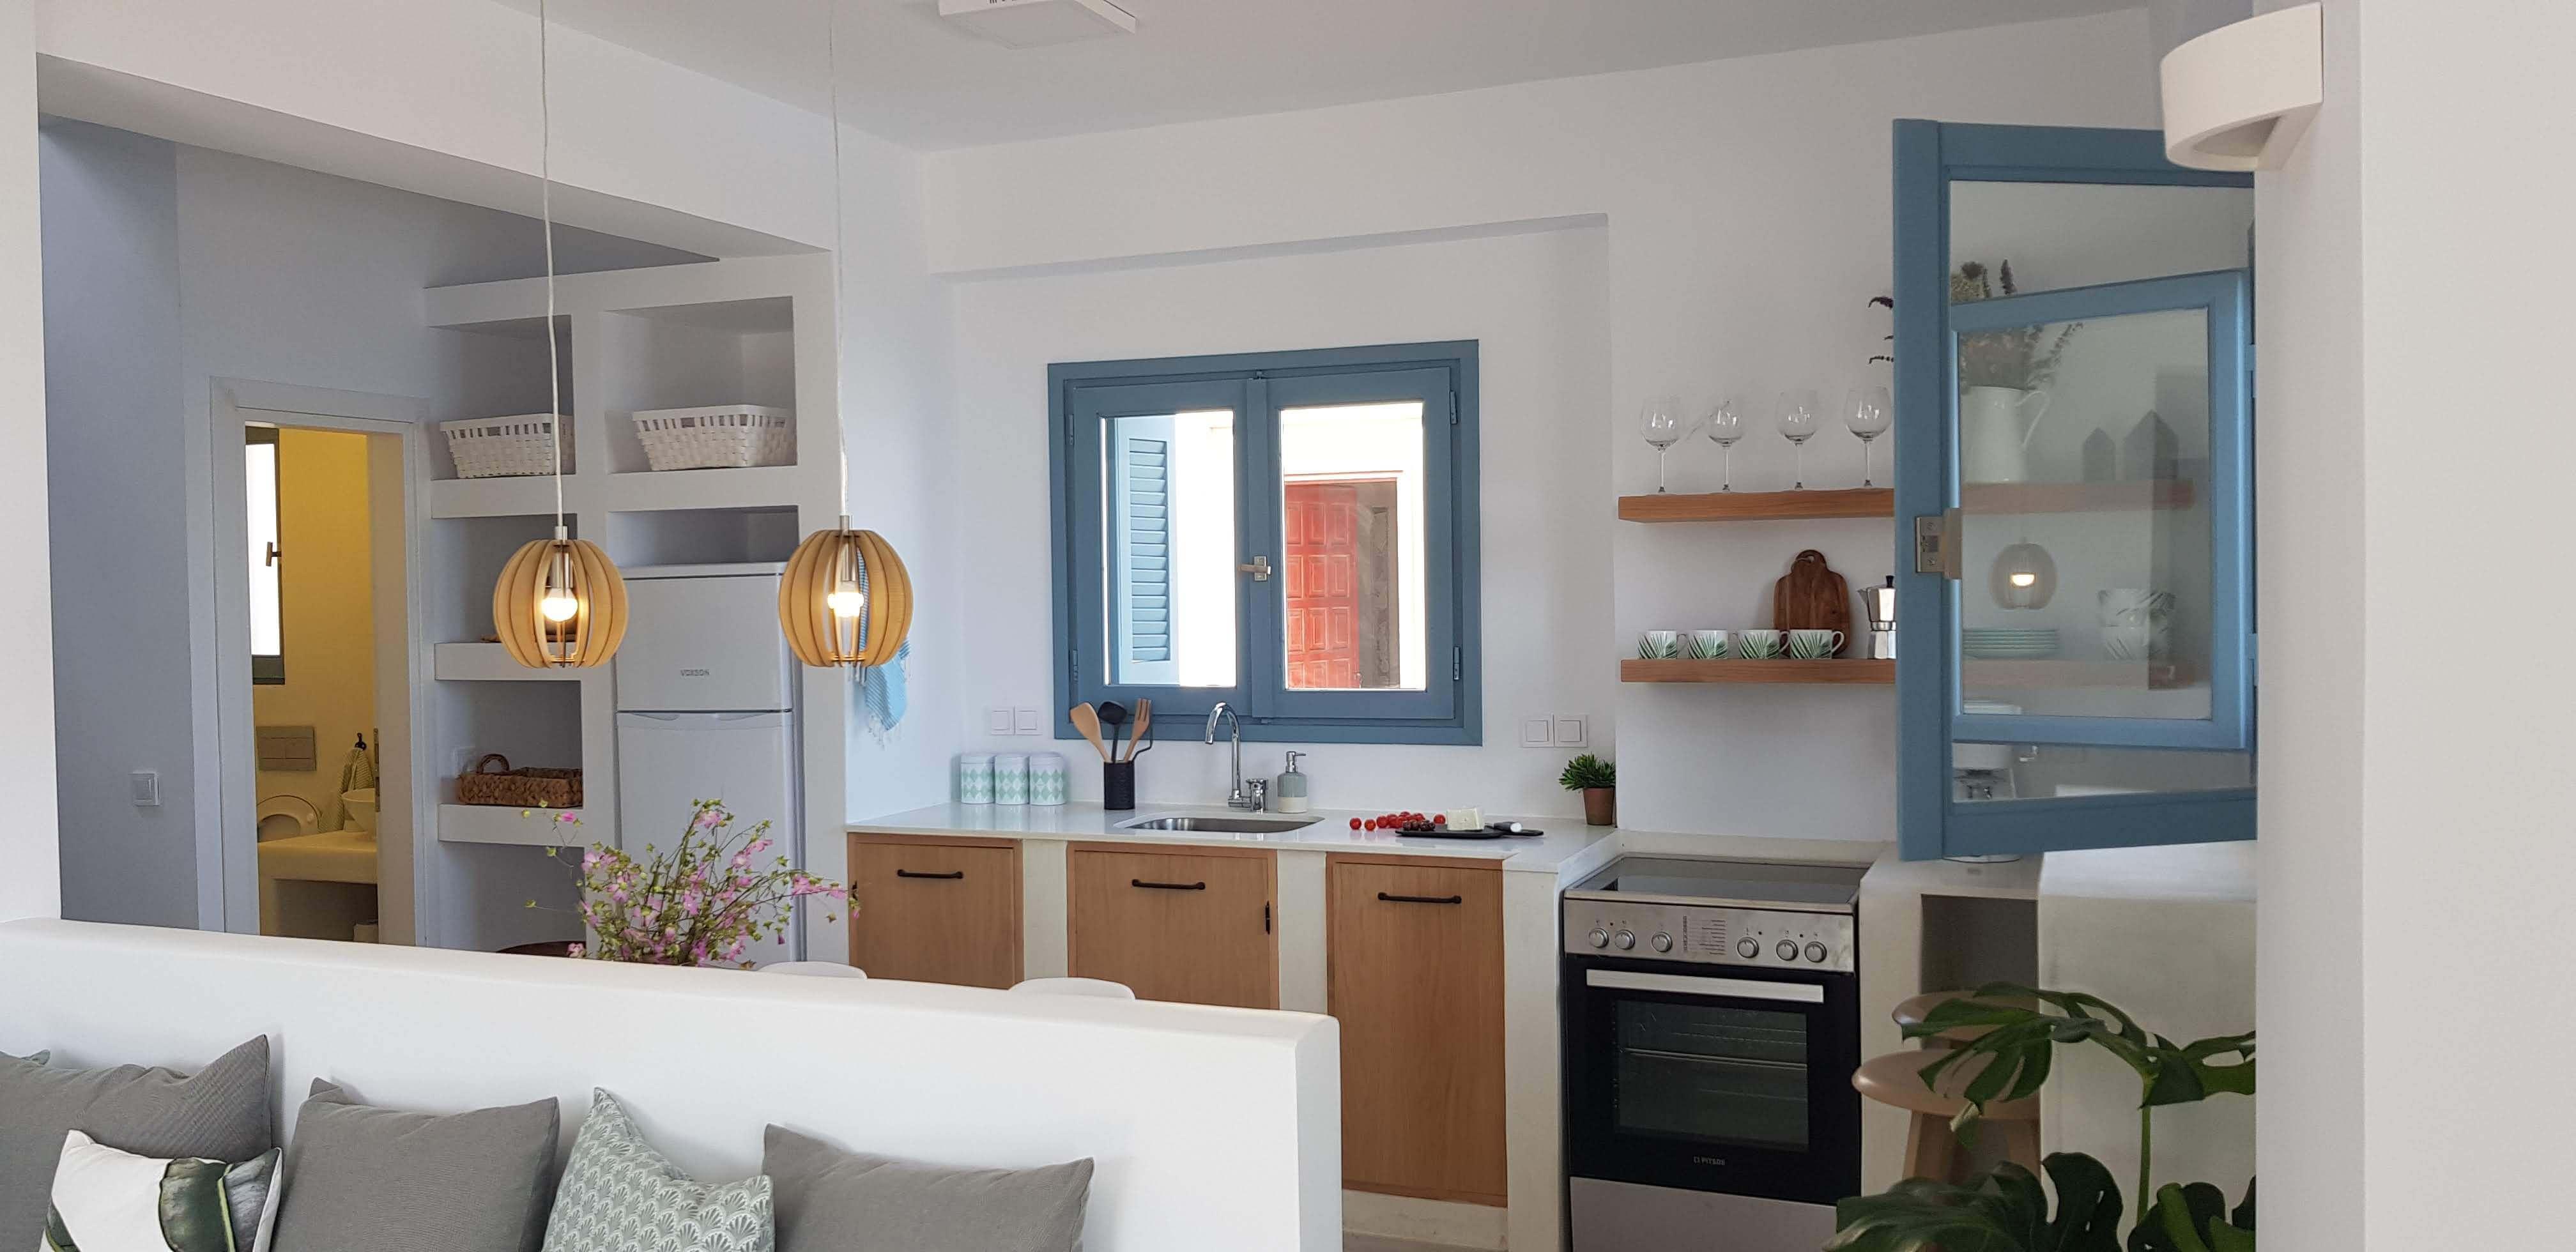 עיצוב מטבח קטן בית נופש יוון